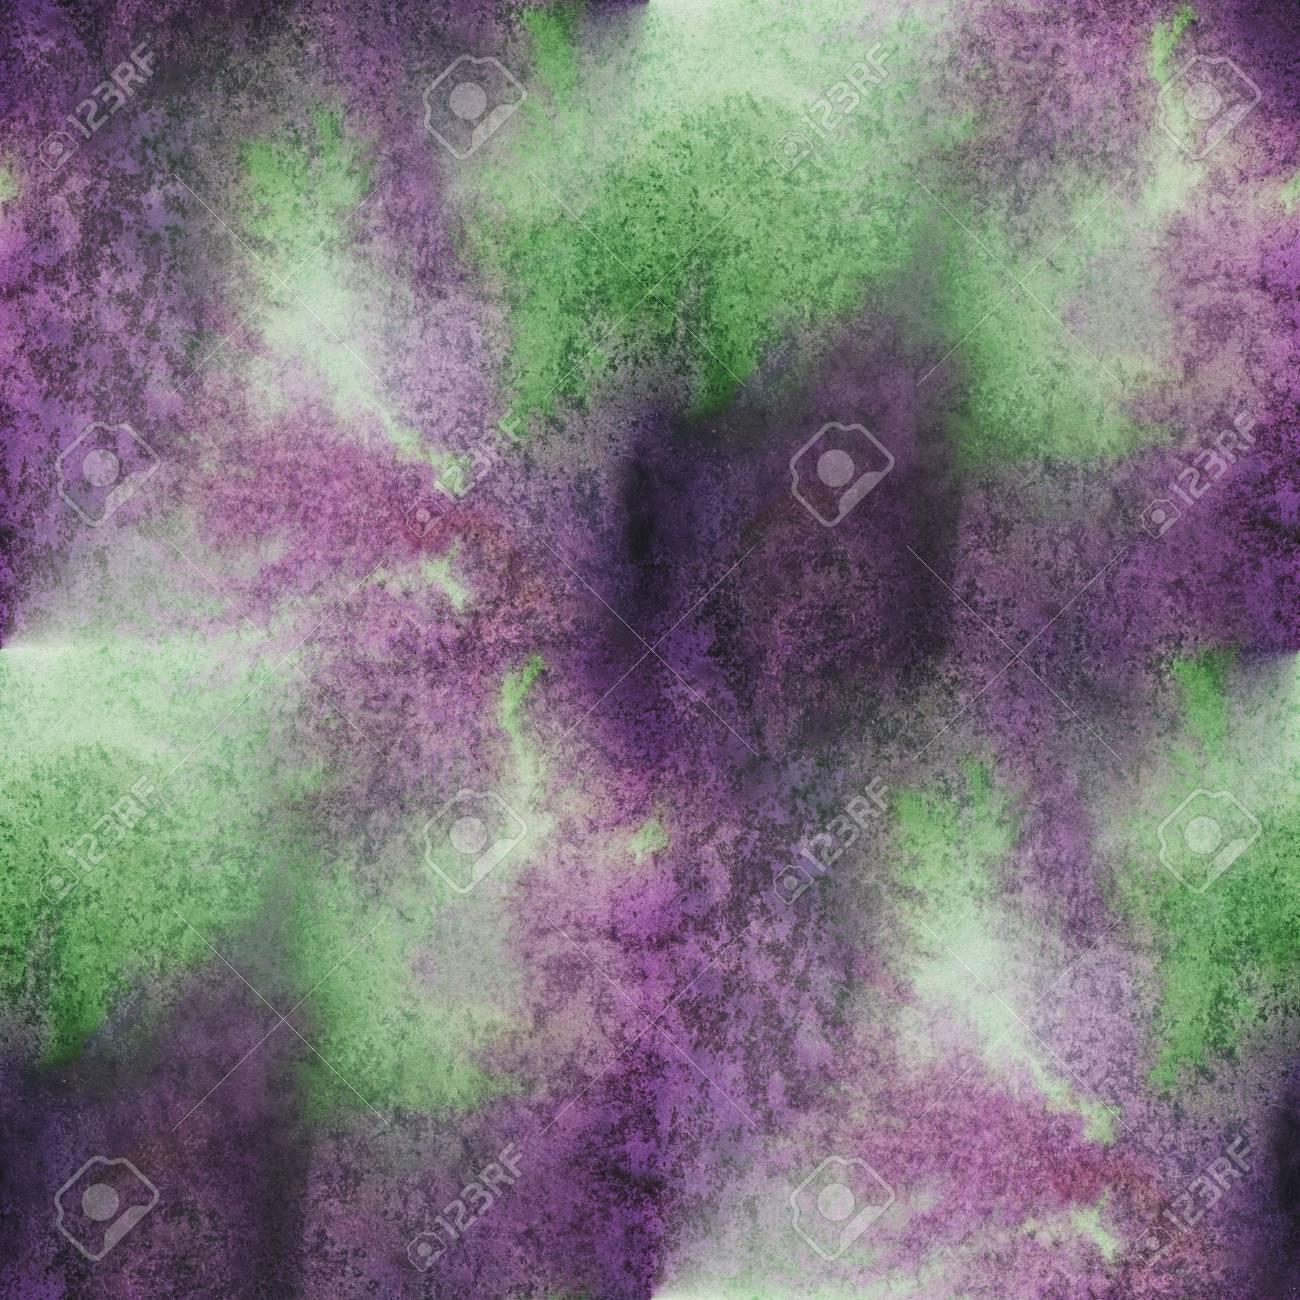 Charmant Eau Unique Violet Vert Transparente Aquarelle Modèle Abstrait Couleur  Brosse Peinture Aquarelle Fond